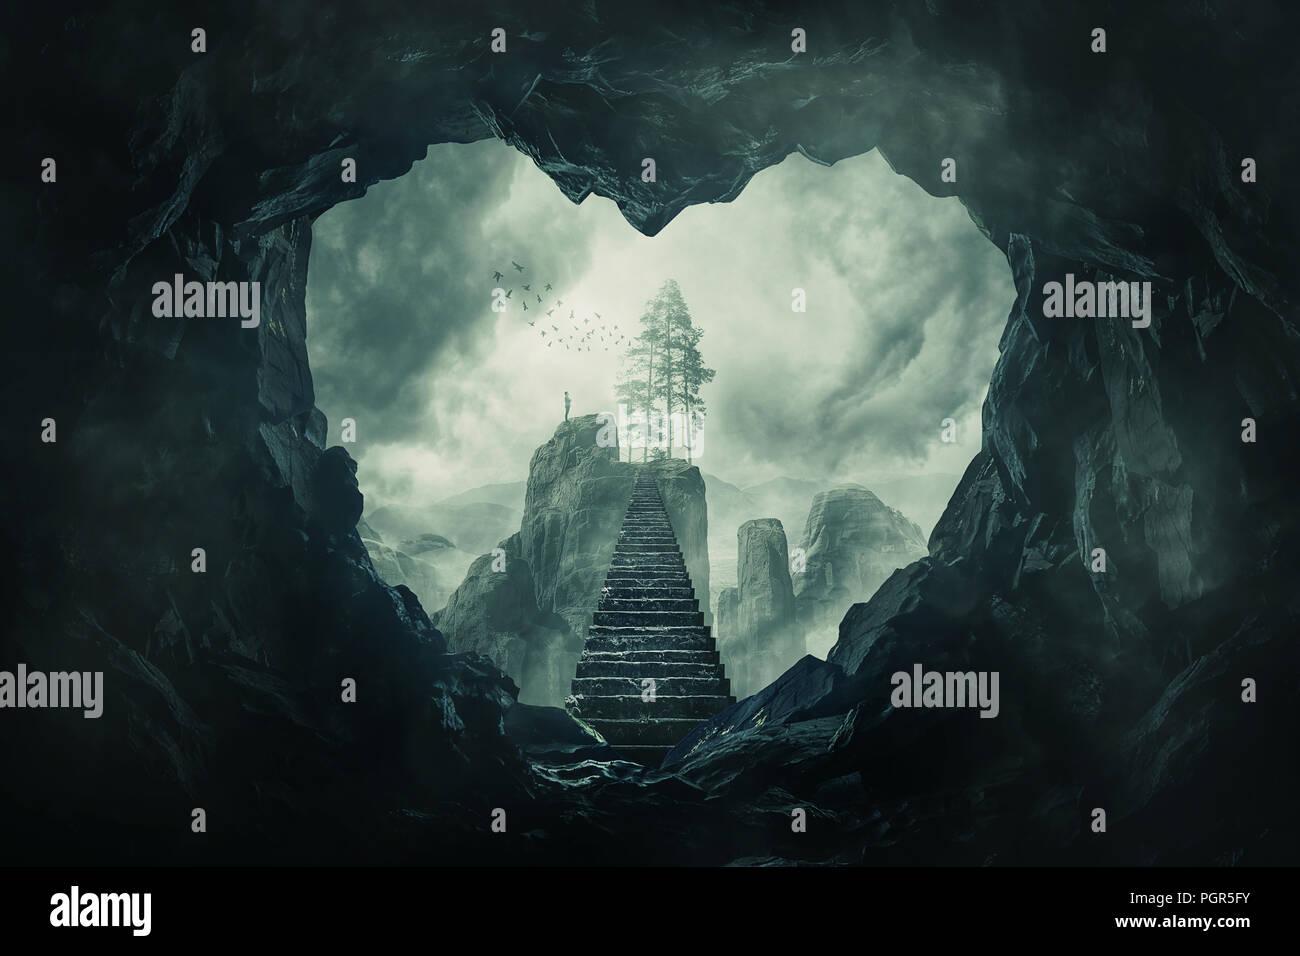 Vue surréaliste grotte sombre en forme de coeur et sortie escalier mystique traverser l'abîme brumeux aller jusqu'au paradis inconnu. Escalier Occasion d'aimer, de façon Photo Stock